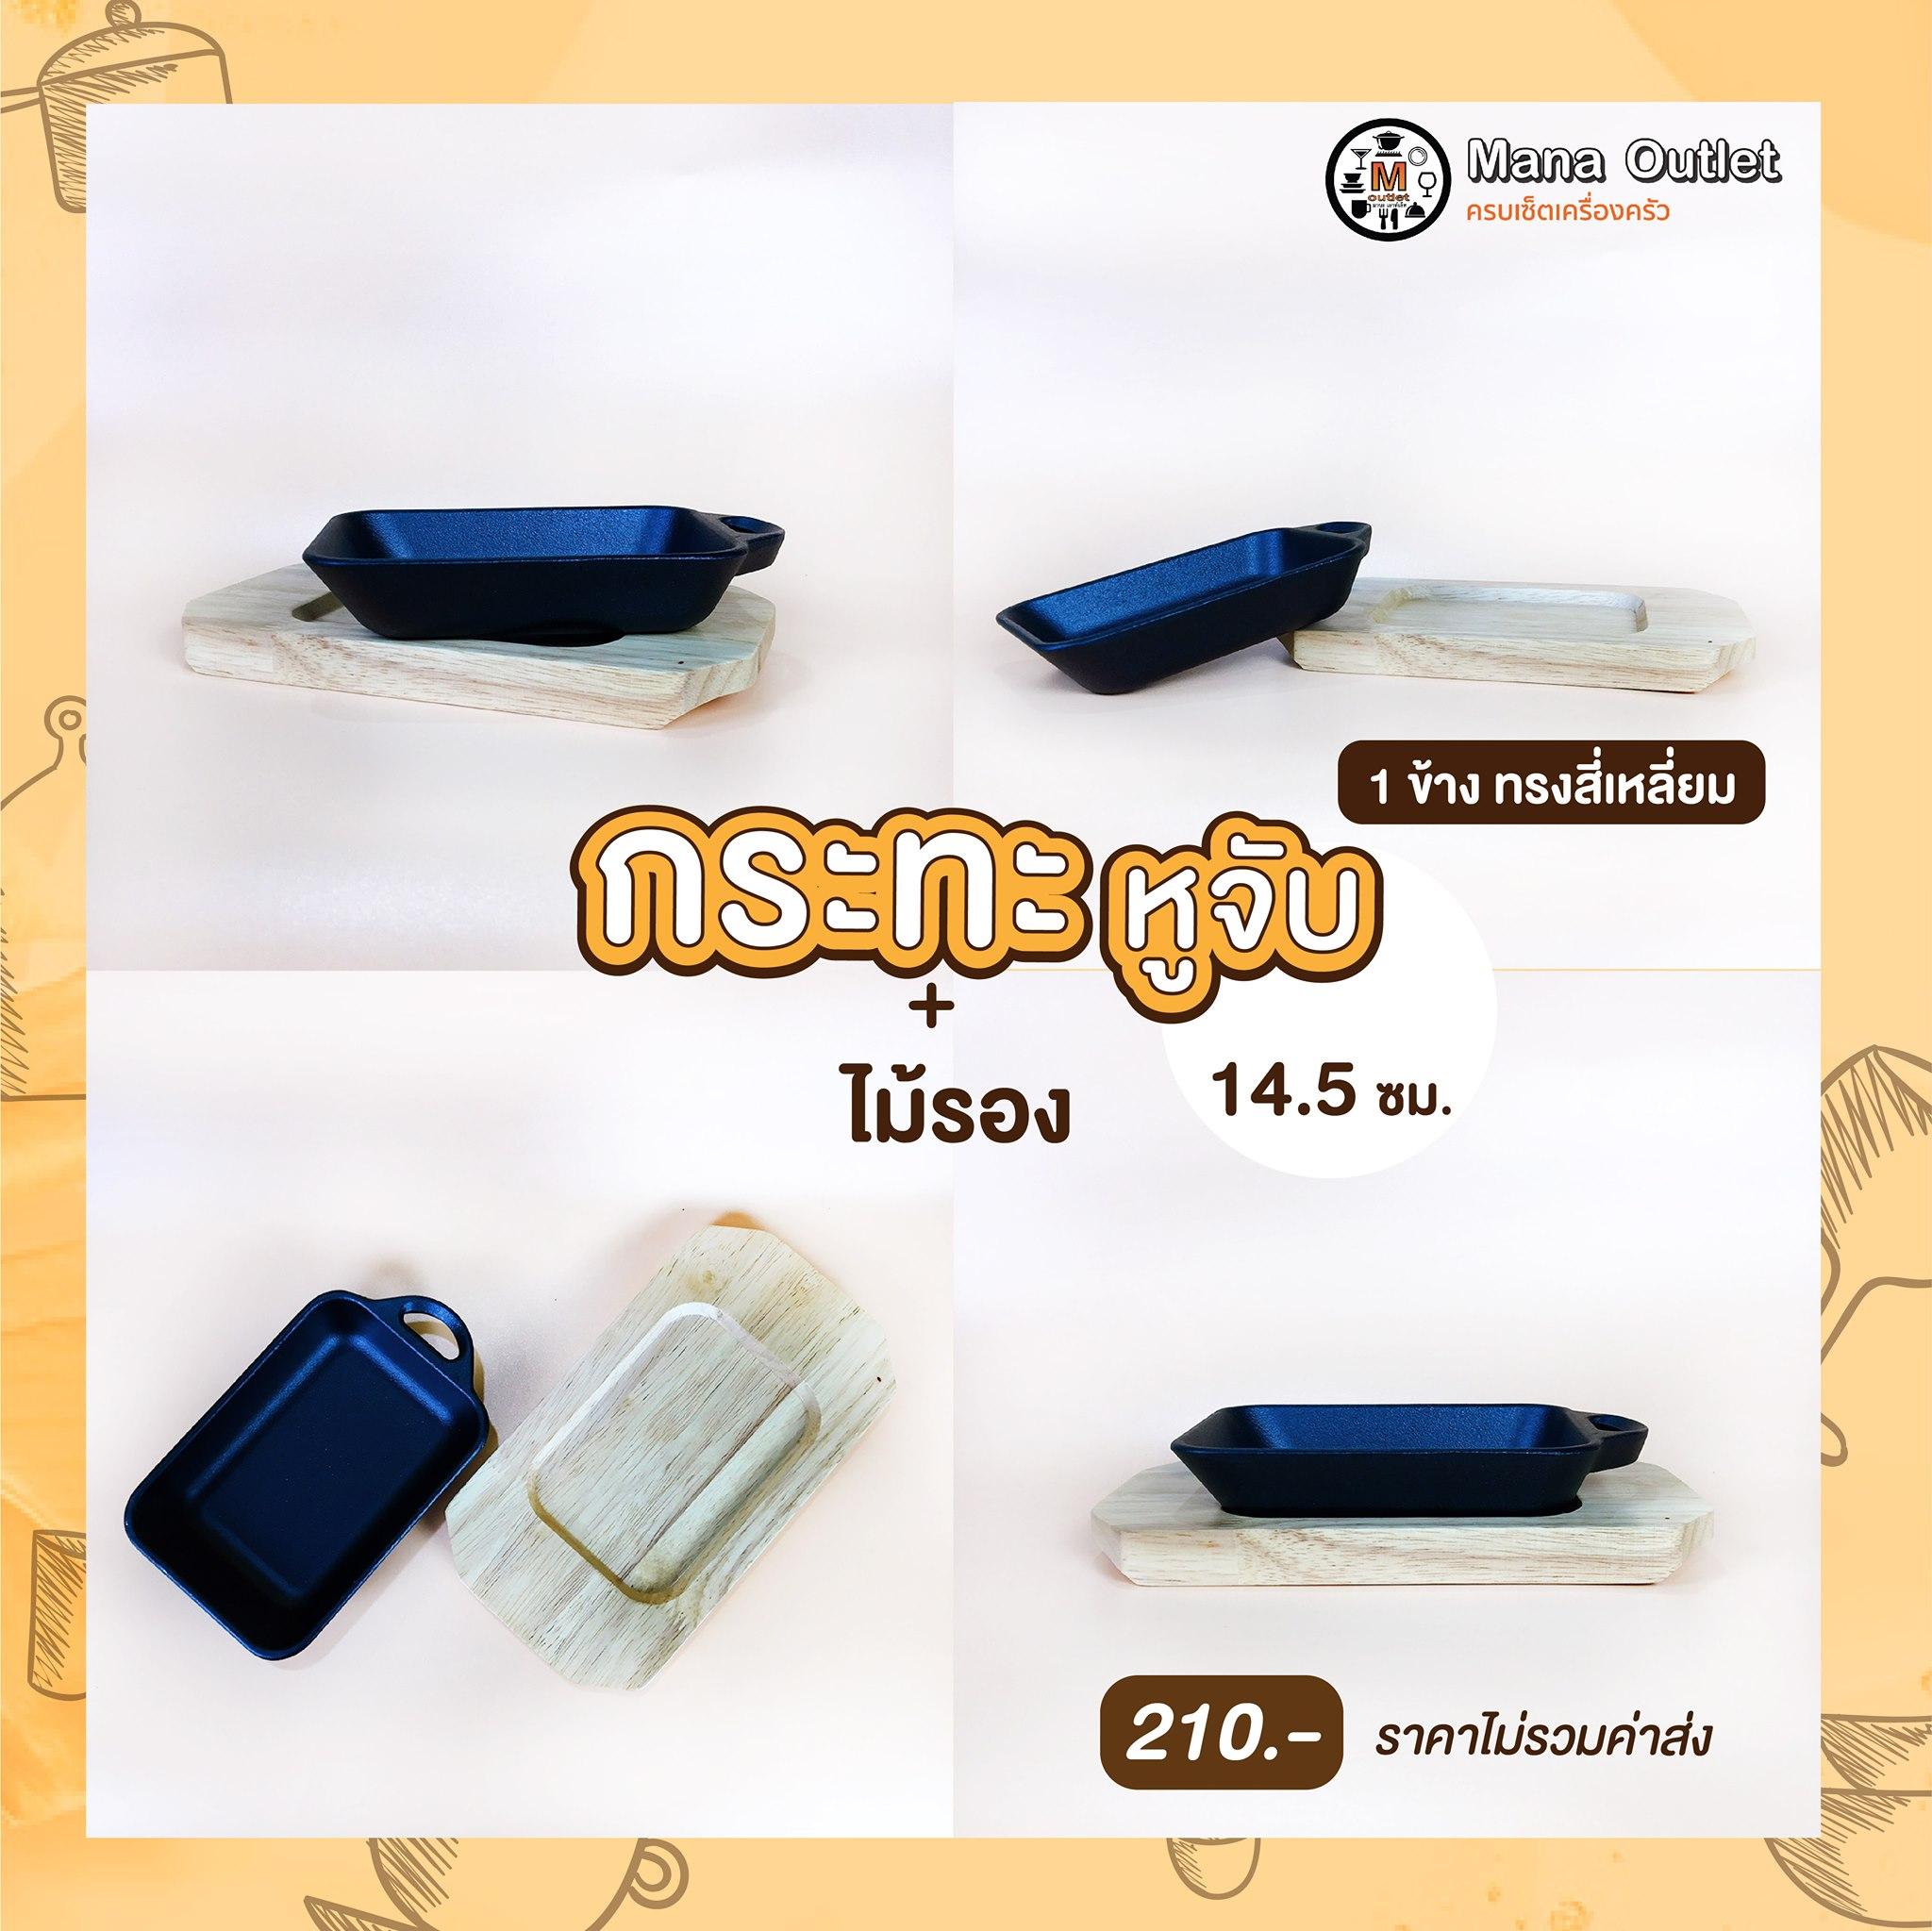 กระทะร้อนสี่เหลี่ยมมีหูจับขนาด 14.5ซม.+ไม้รอง ( Made in thailand )